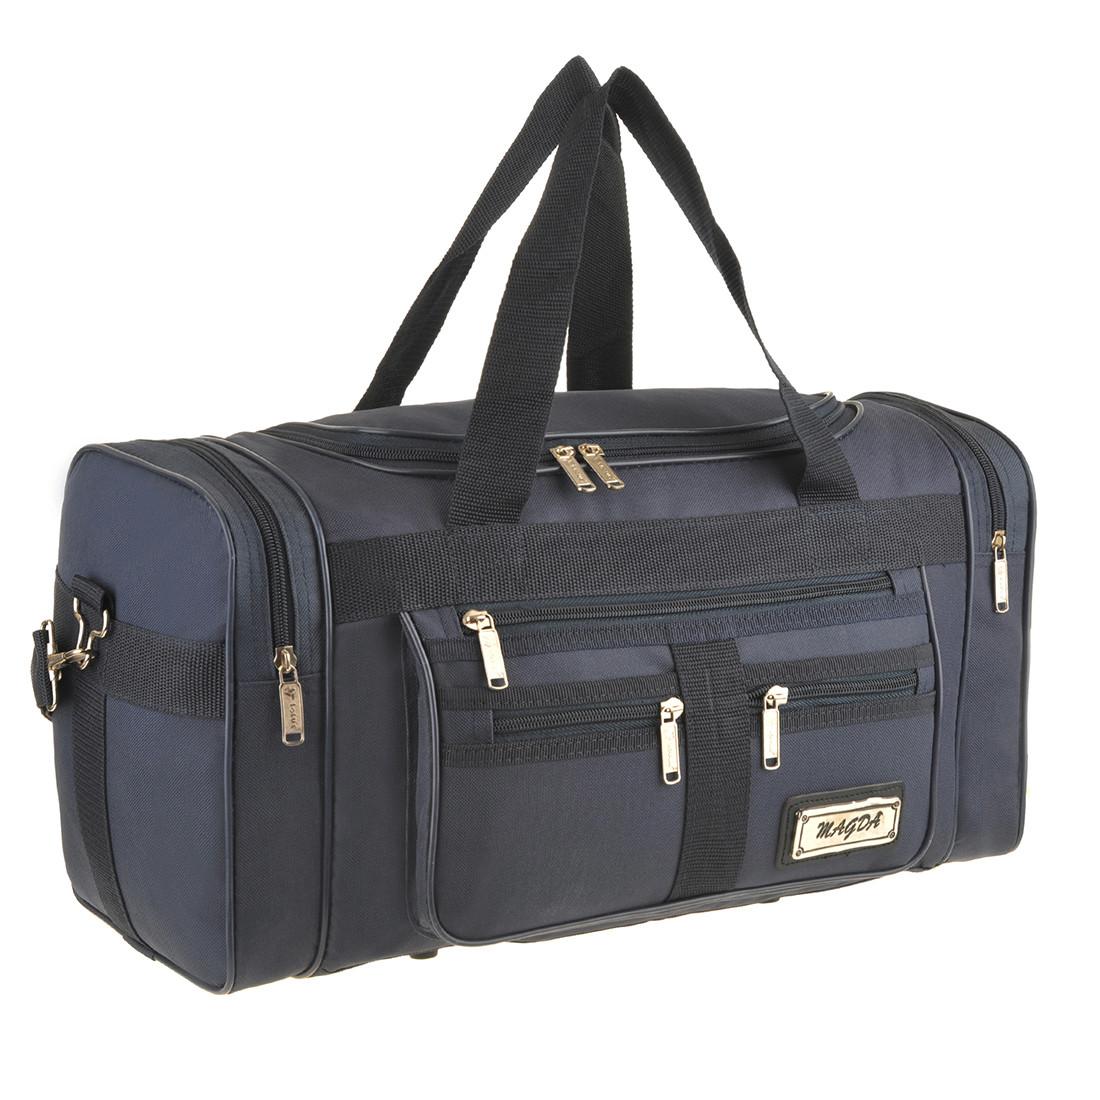 Дорожная сумка MAGDA 25х45х21 ткань полиэстер 600Д цвет синий  кс18син